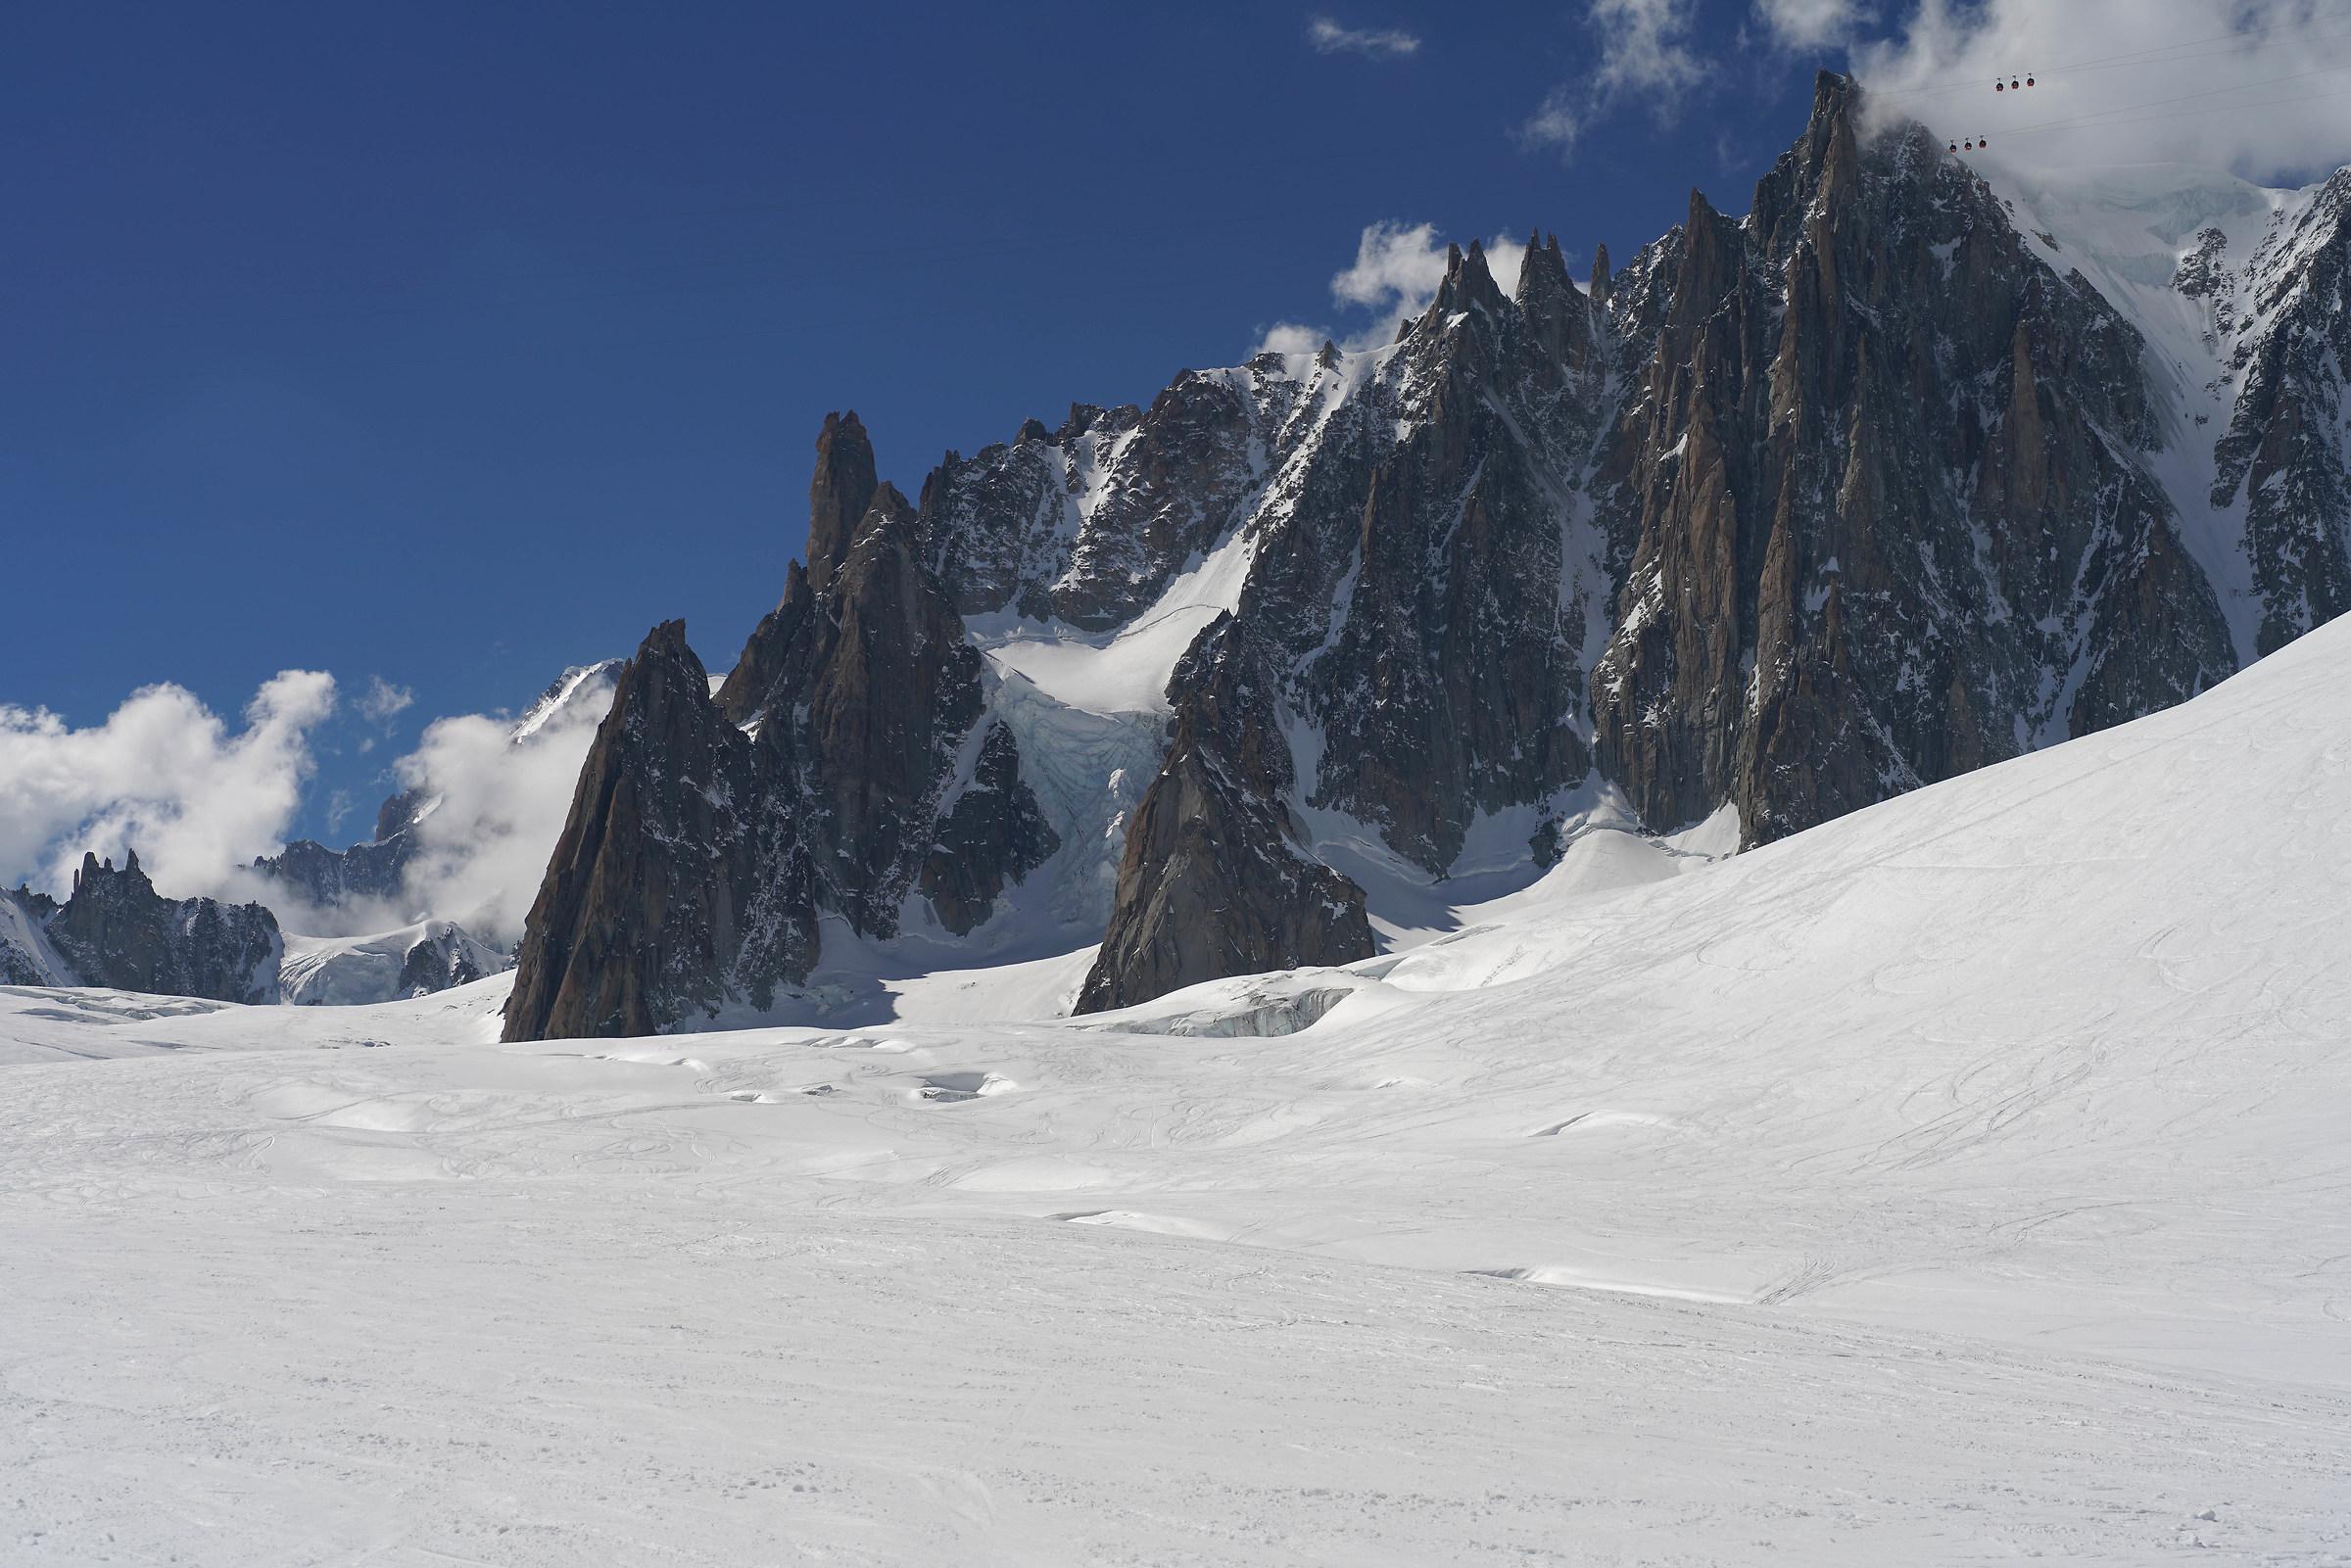 Vallee Blanche - Grande Capucin...